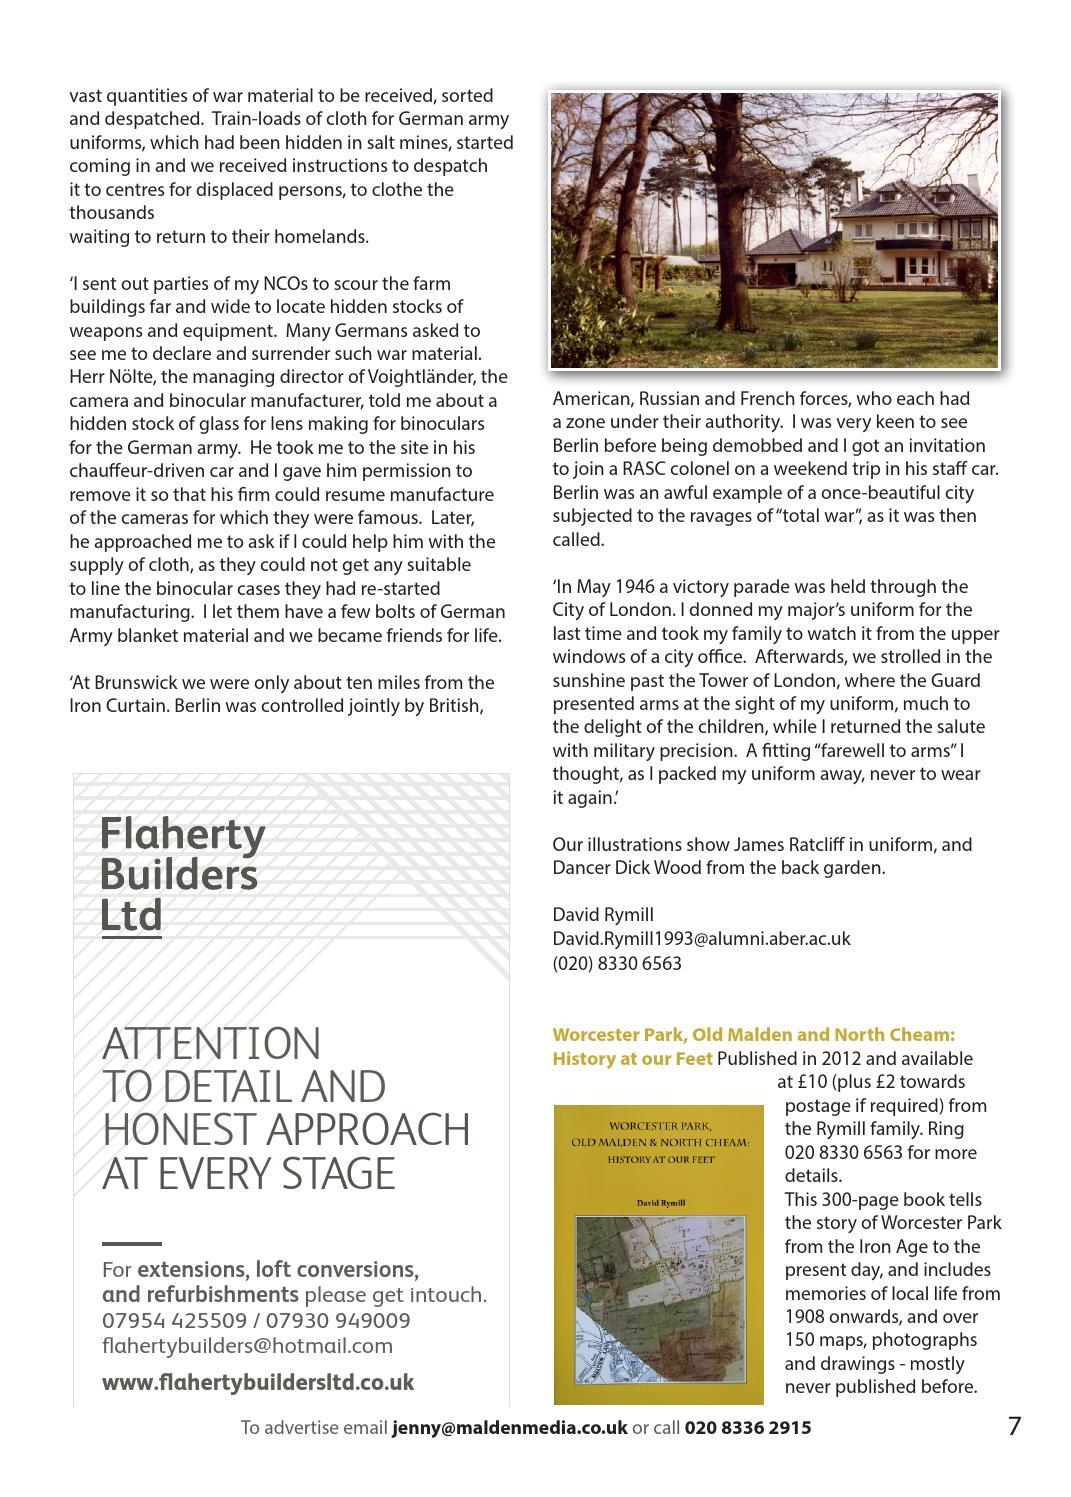 Worcester park july 15 by jenny stuart - issuu